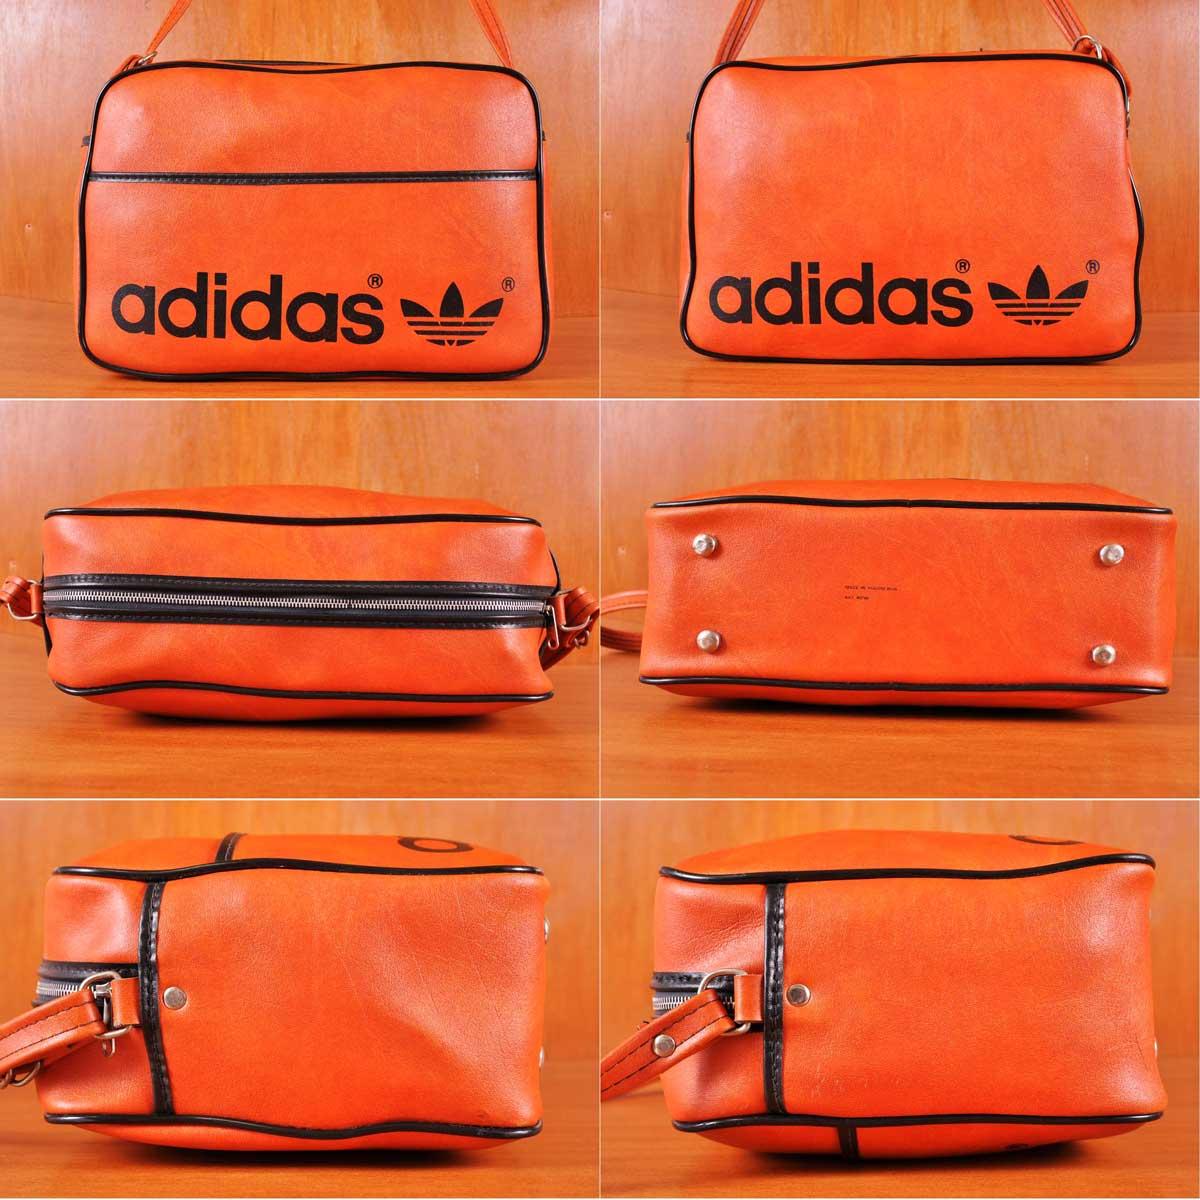 5cb2342cec Adidas Backpacks - Adidas Bags - Adidas Gym Bag - eBags.com